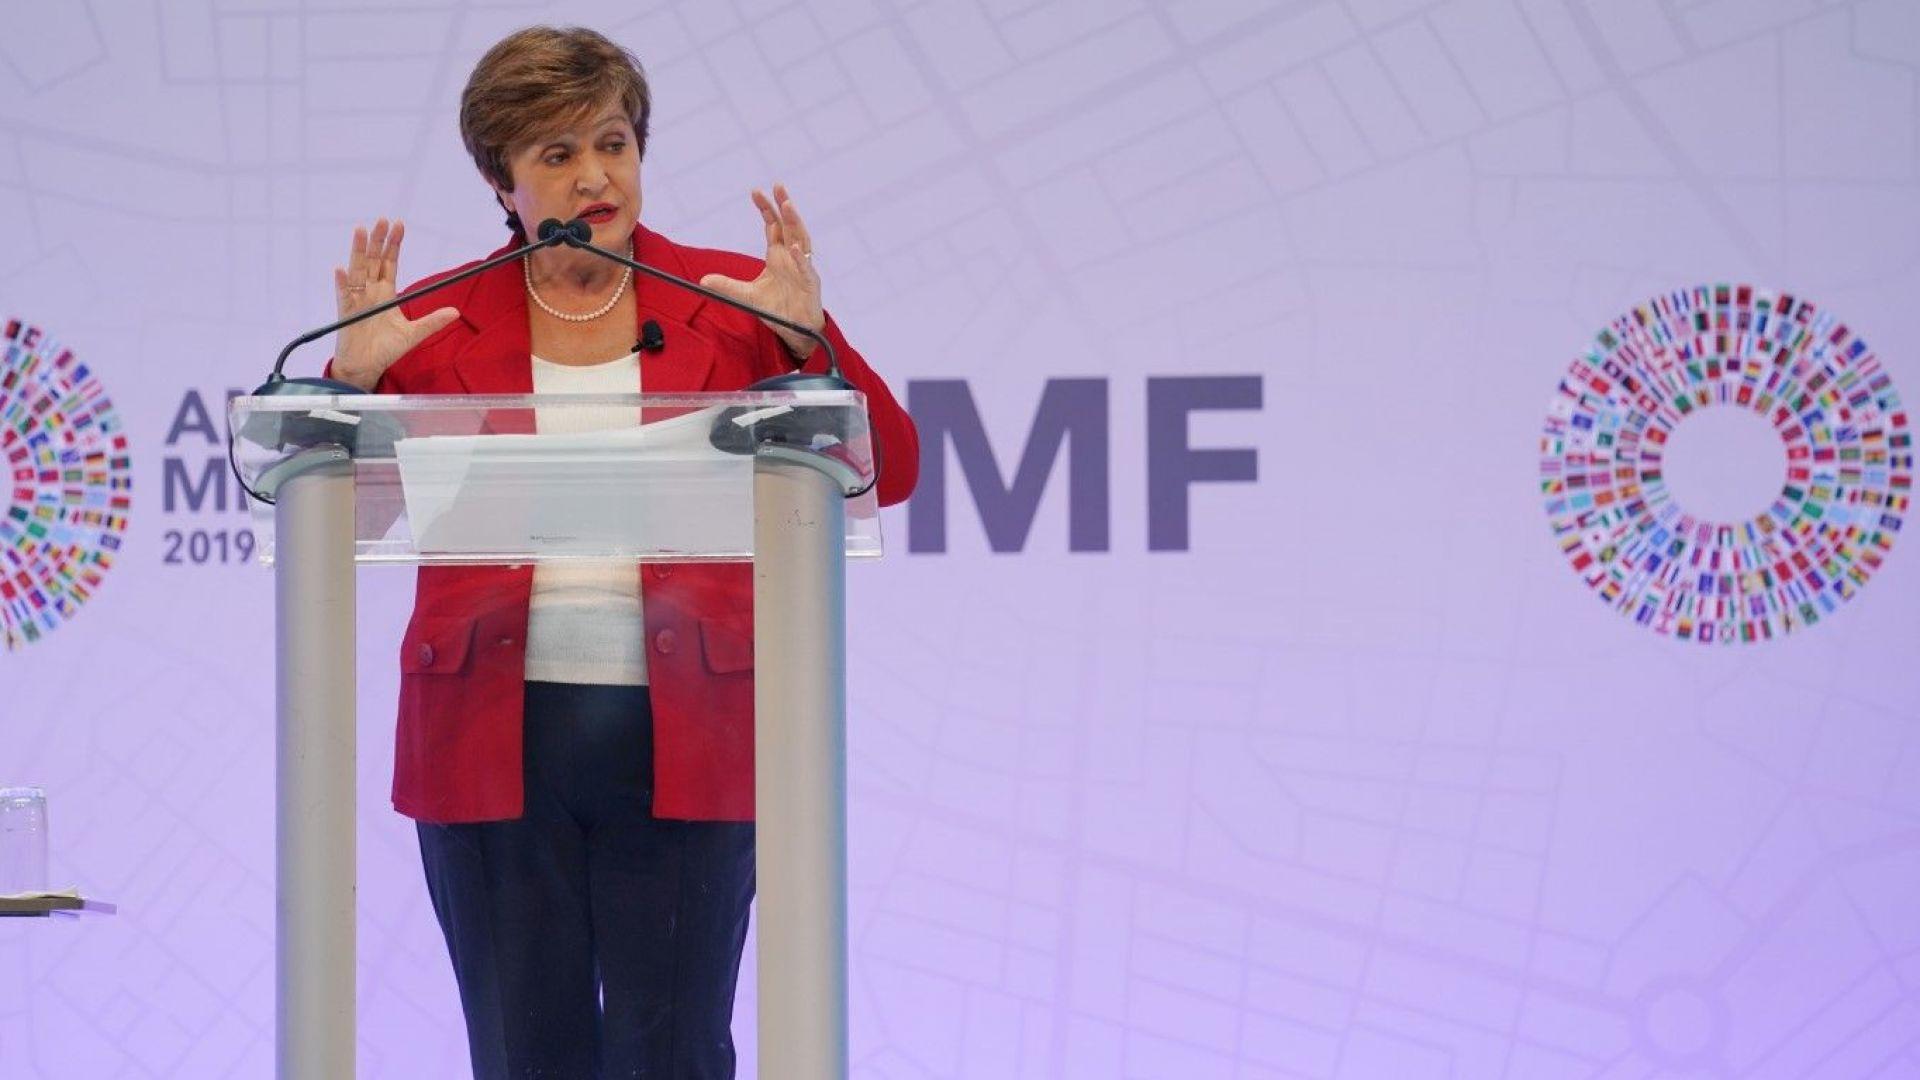 """Кристалина Георгиева е 15-а сред 100-те най-влиятелни жени на """"Форбс"""""""